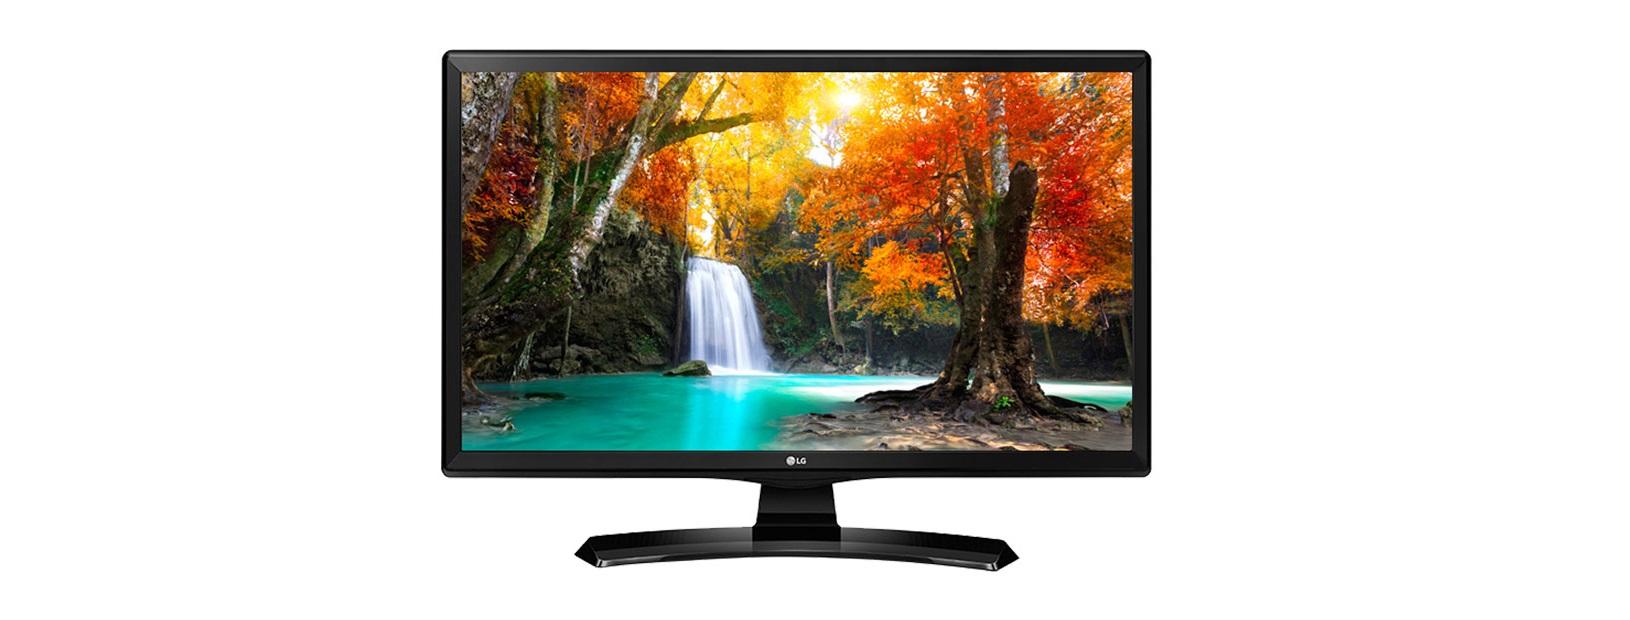 Купить телевизор в Казахстане